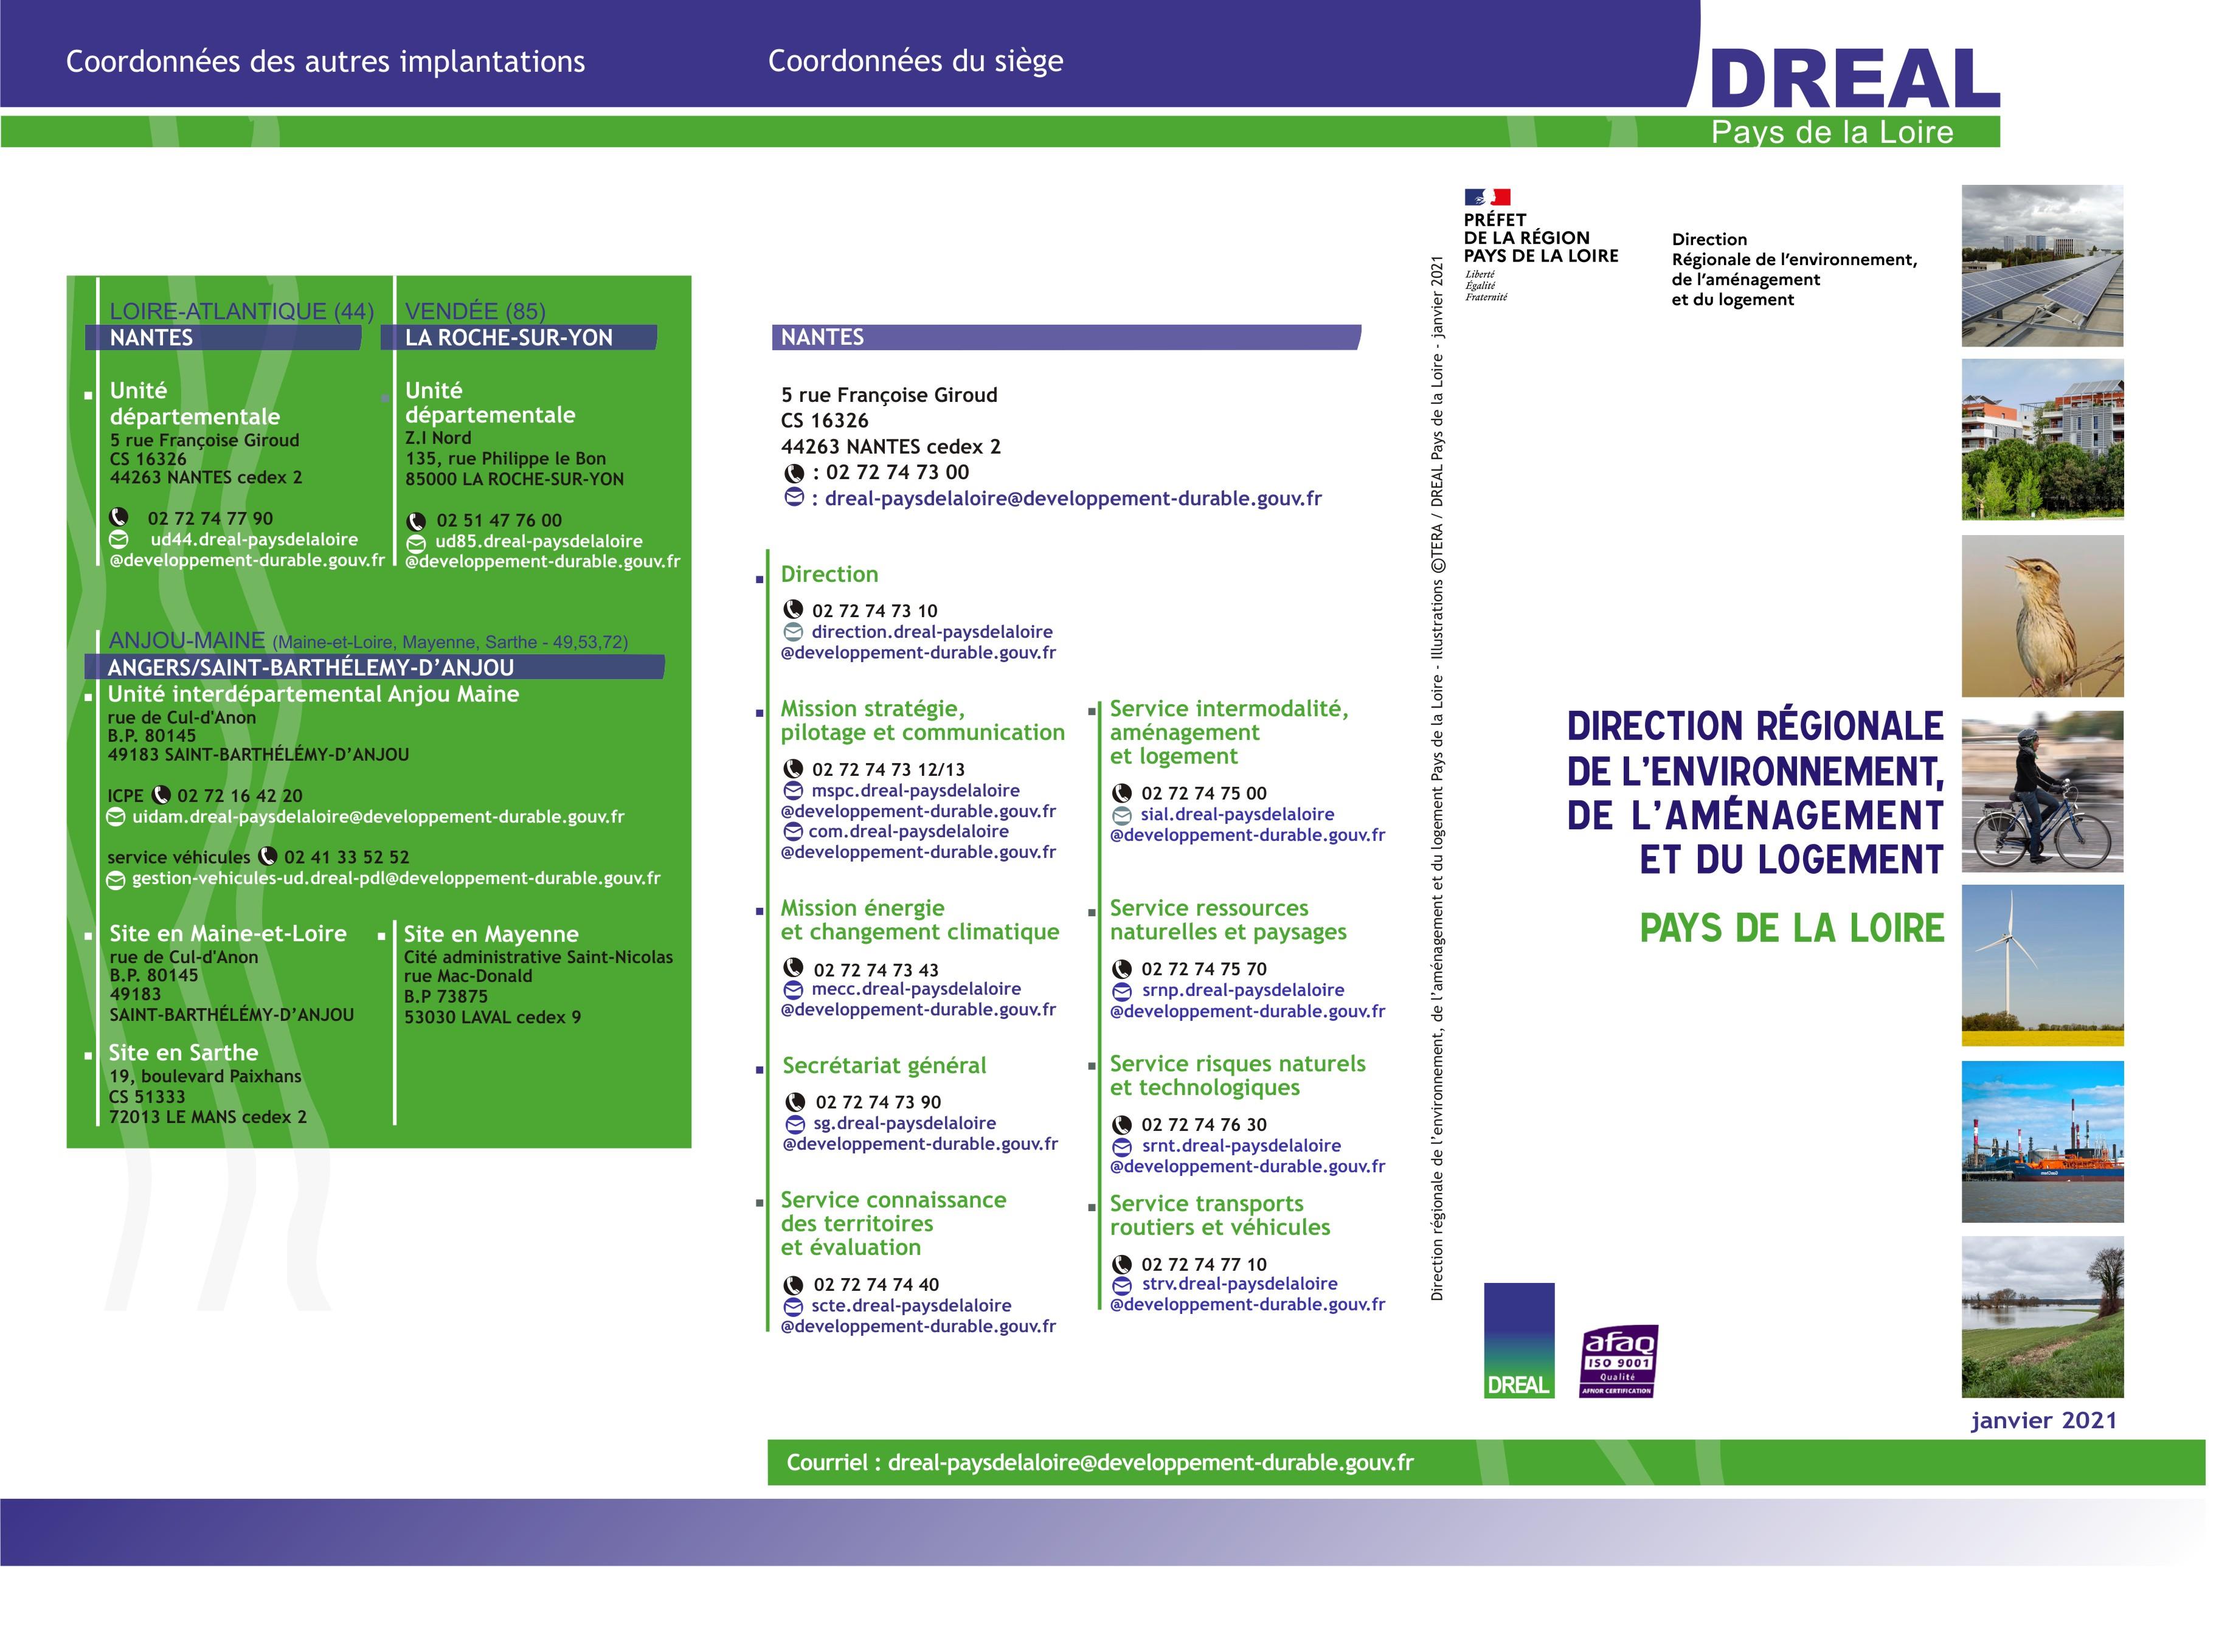 Organigramme DREAL janvier 2021